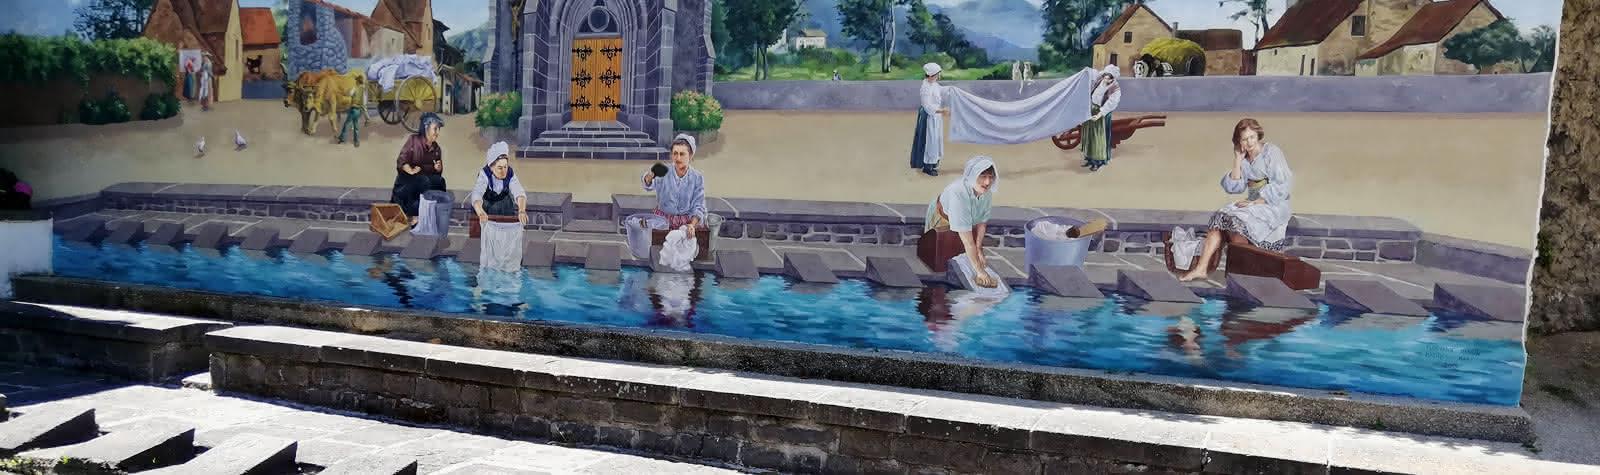 Fresque place de la Barreyre à Nohanent